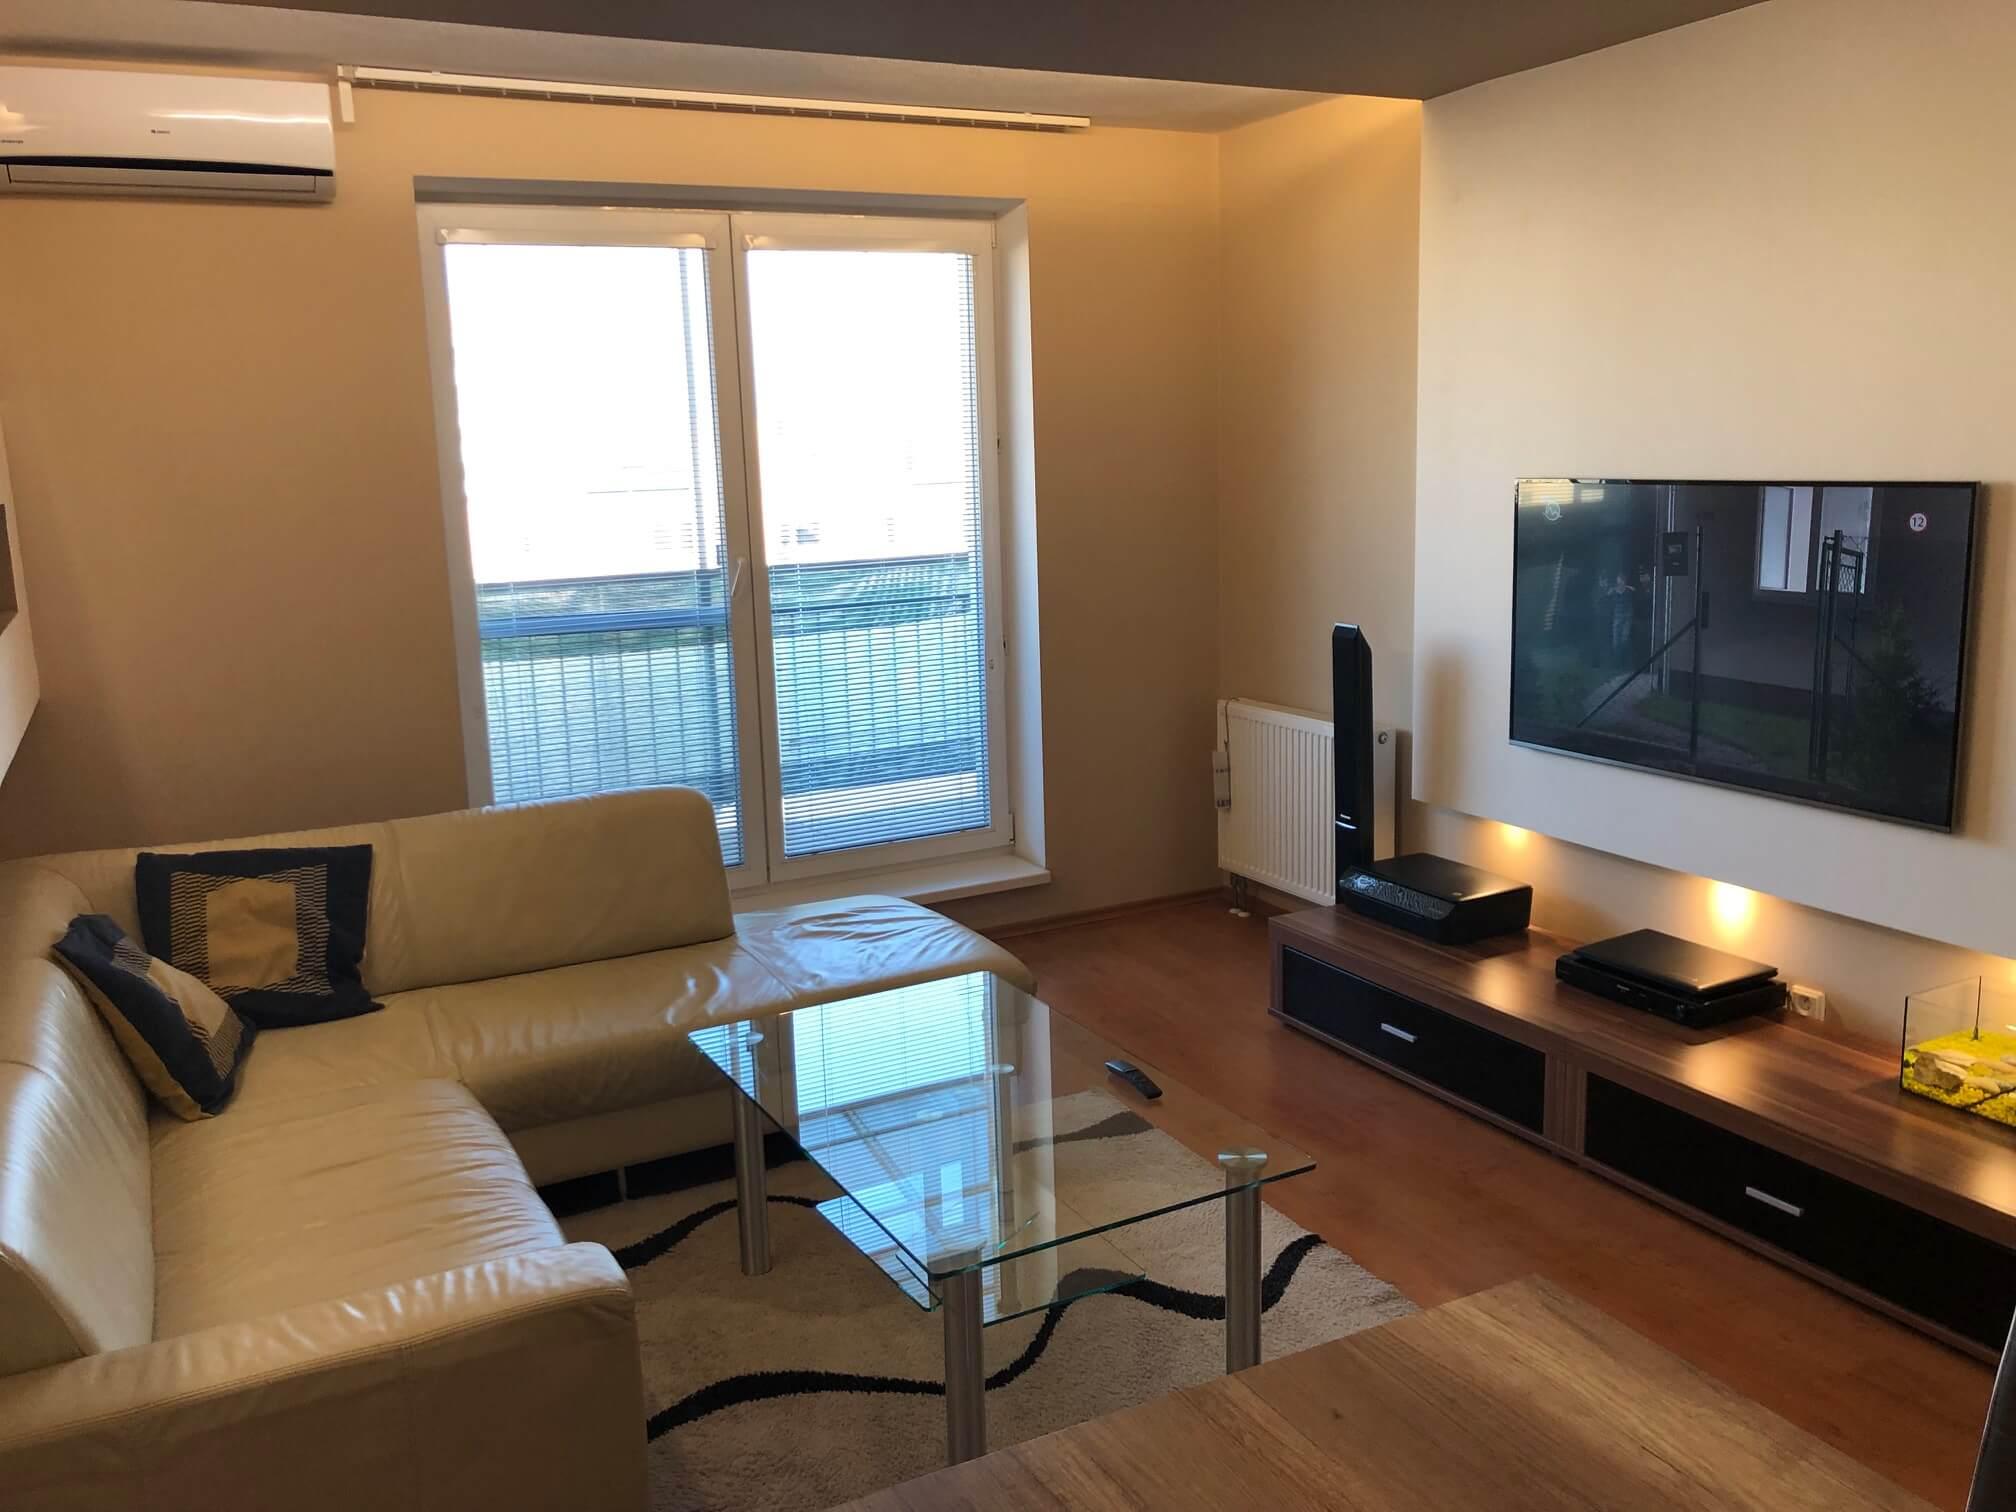 Predané: Exkluzívne na predaj 3 izb. byt, 72 m2, balkón 8 m2, parkovacie státie, Bratislava, Petržalka, Budatínska-5